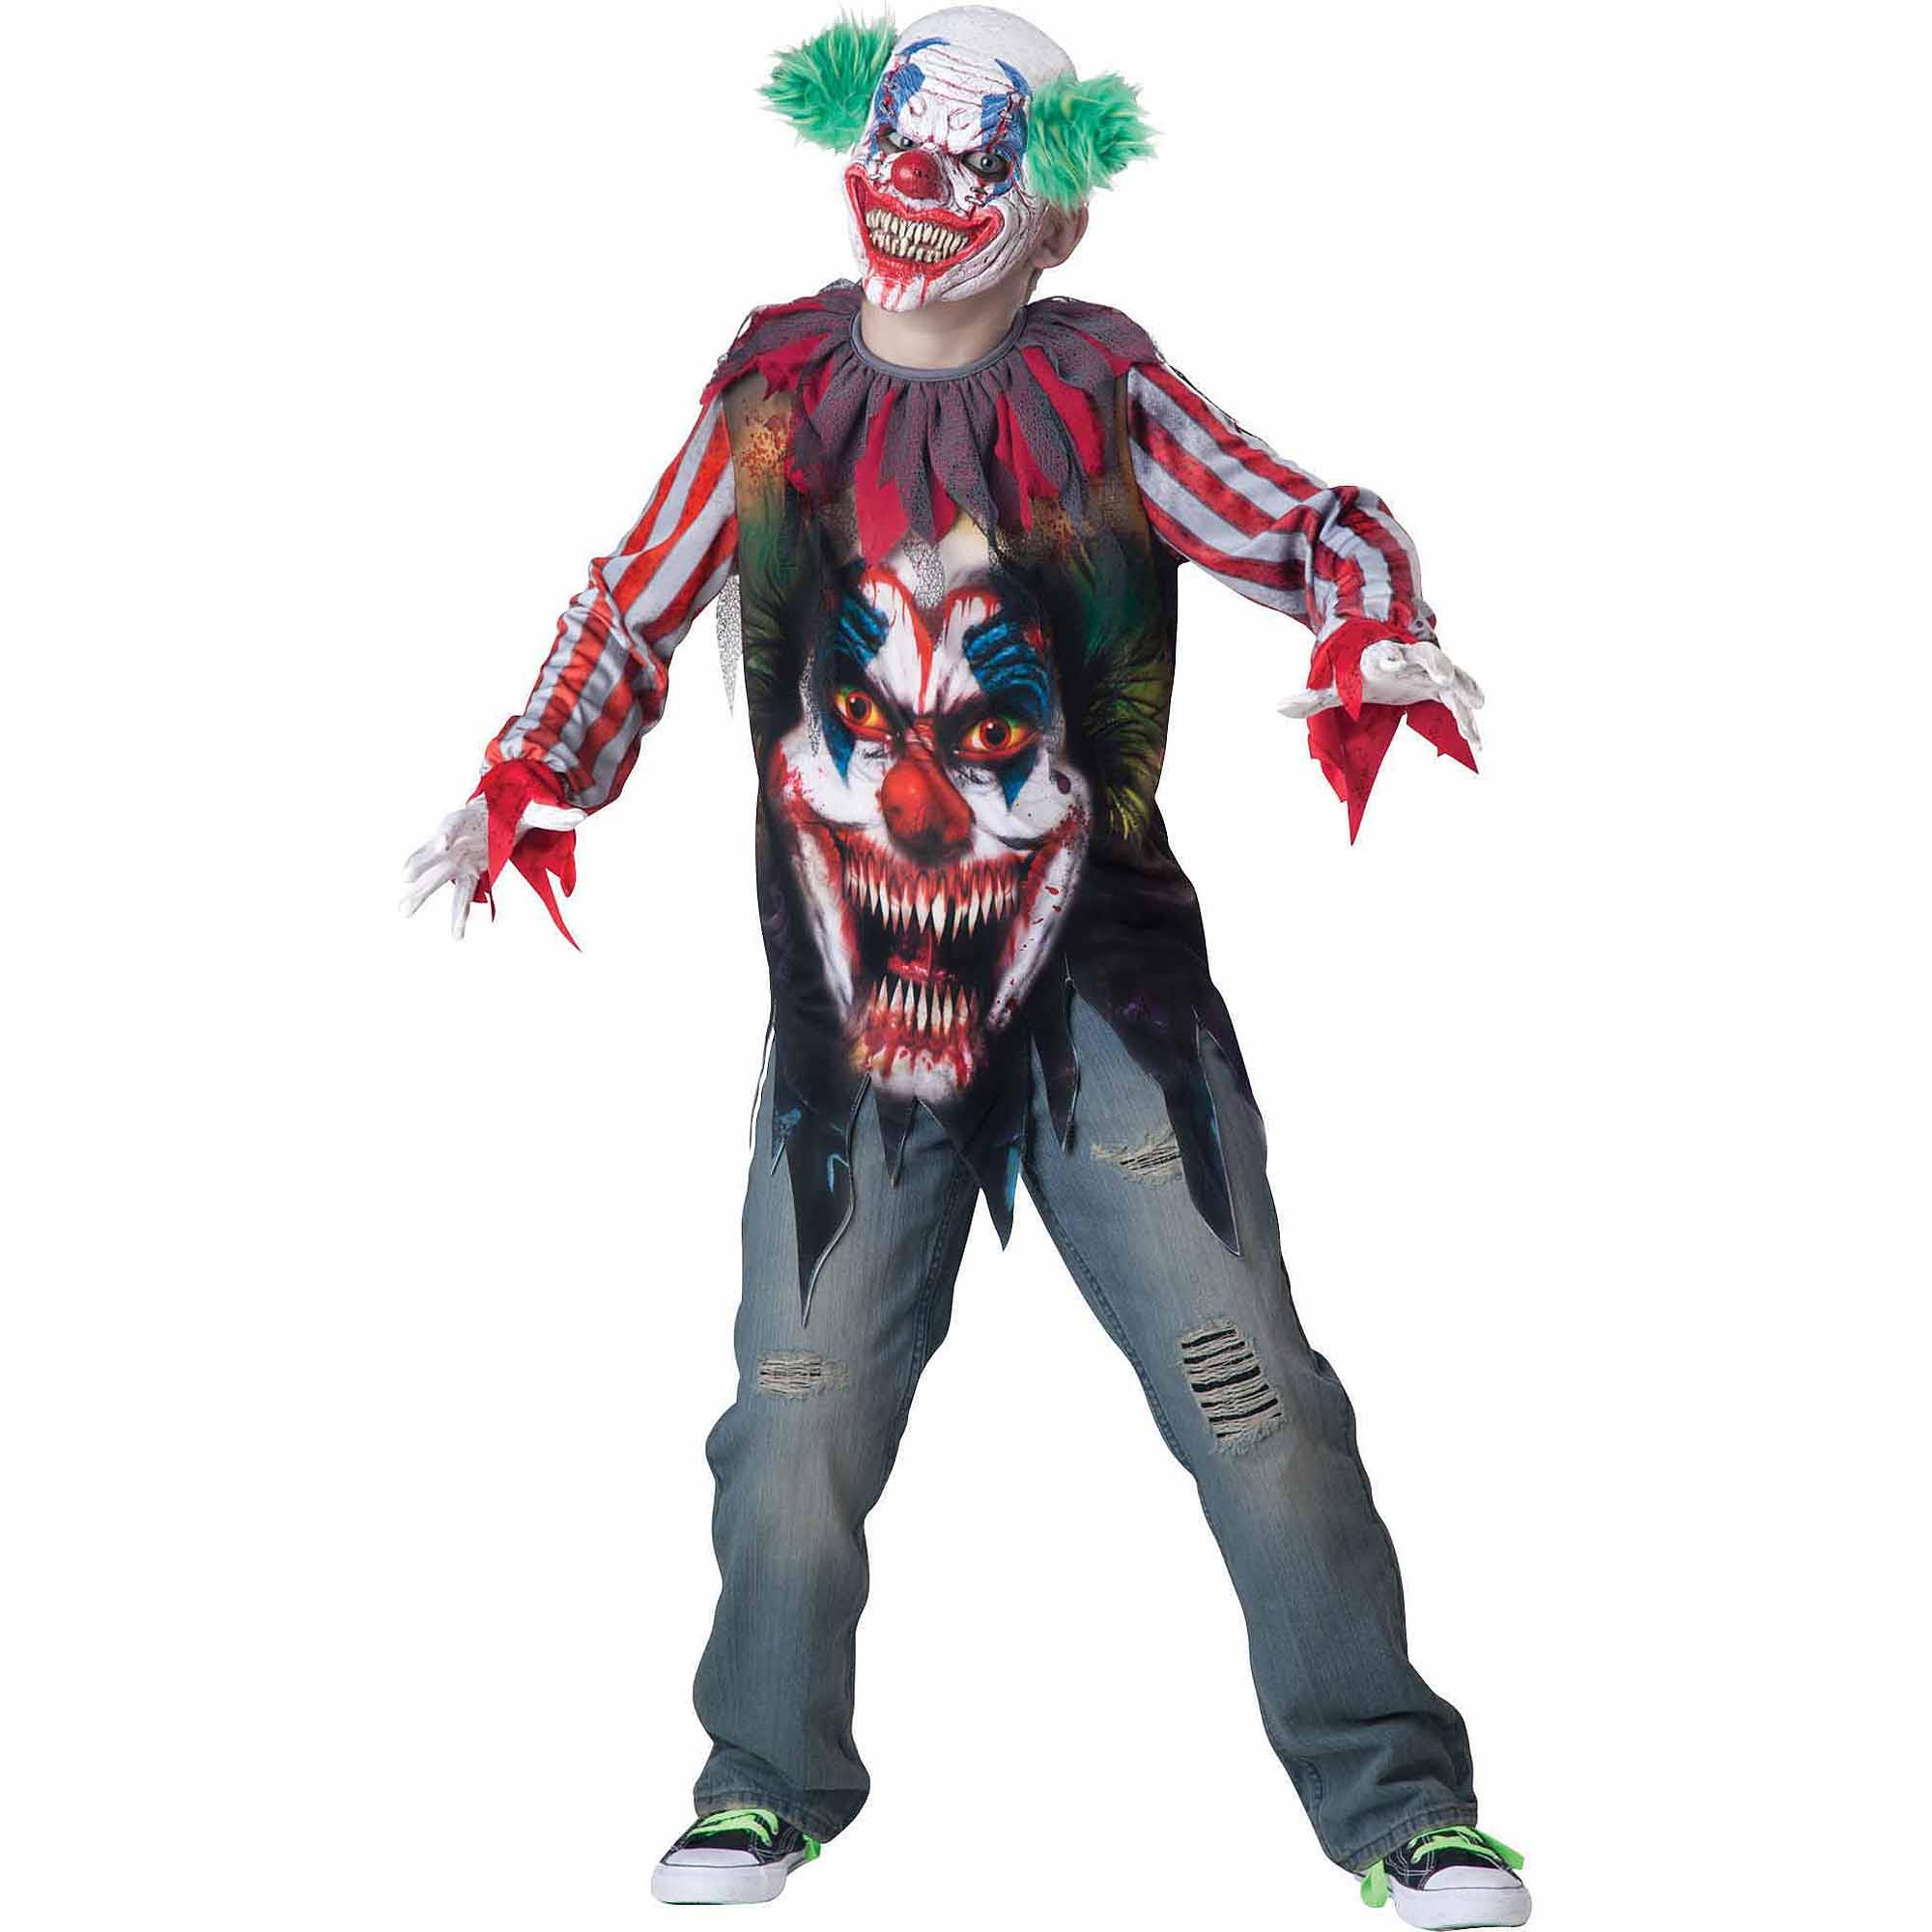 Big Top Terror Child Halloween Costume